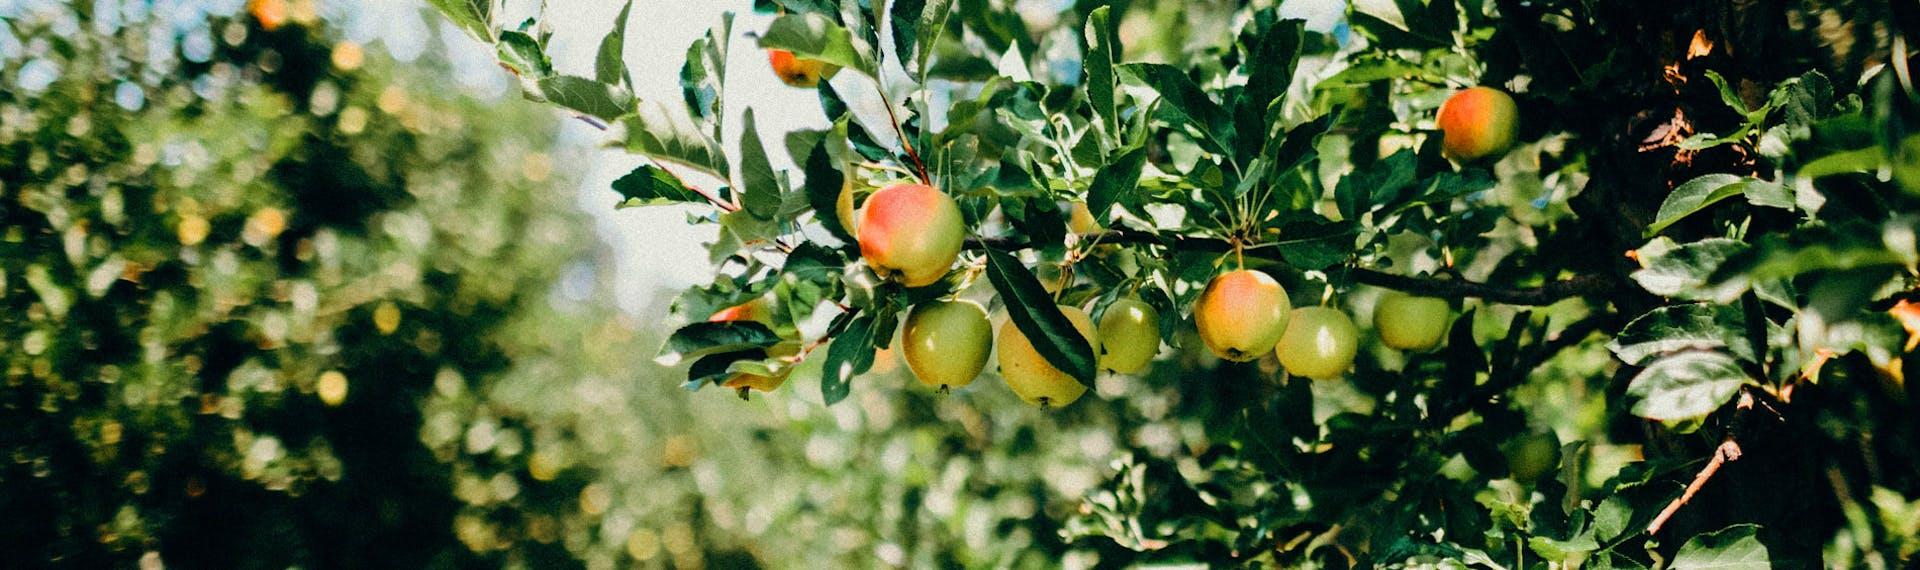 Apples-Tree-ANXO